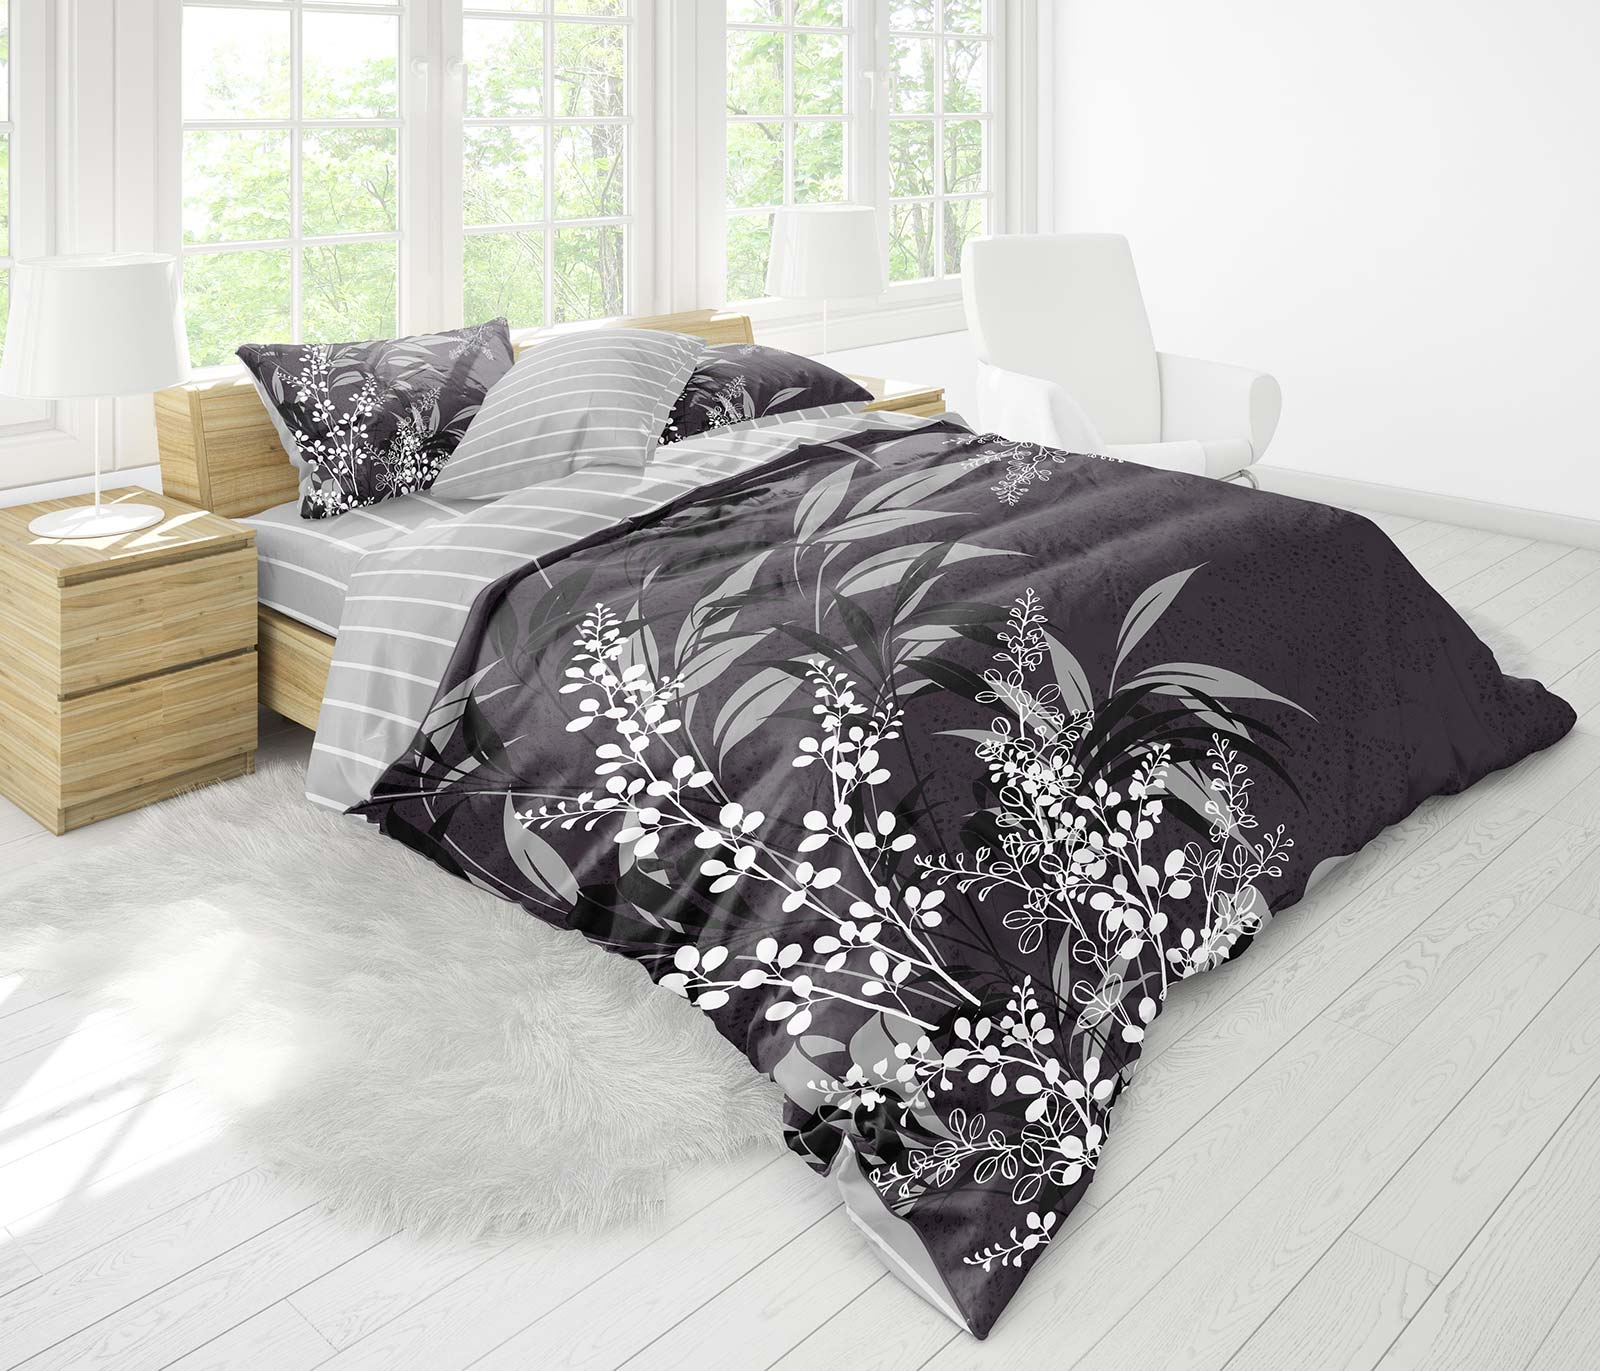 4 Tlg 3d Bettwäsche Bettgarnitur Bettbezug 100 Baumwolle Kissen